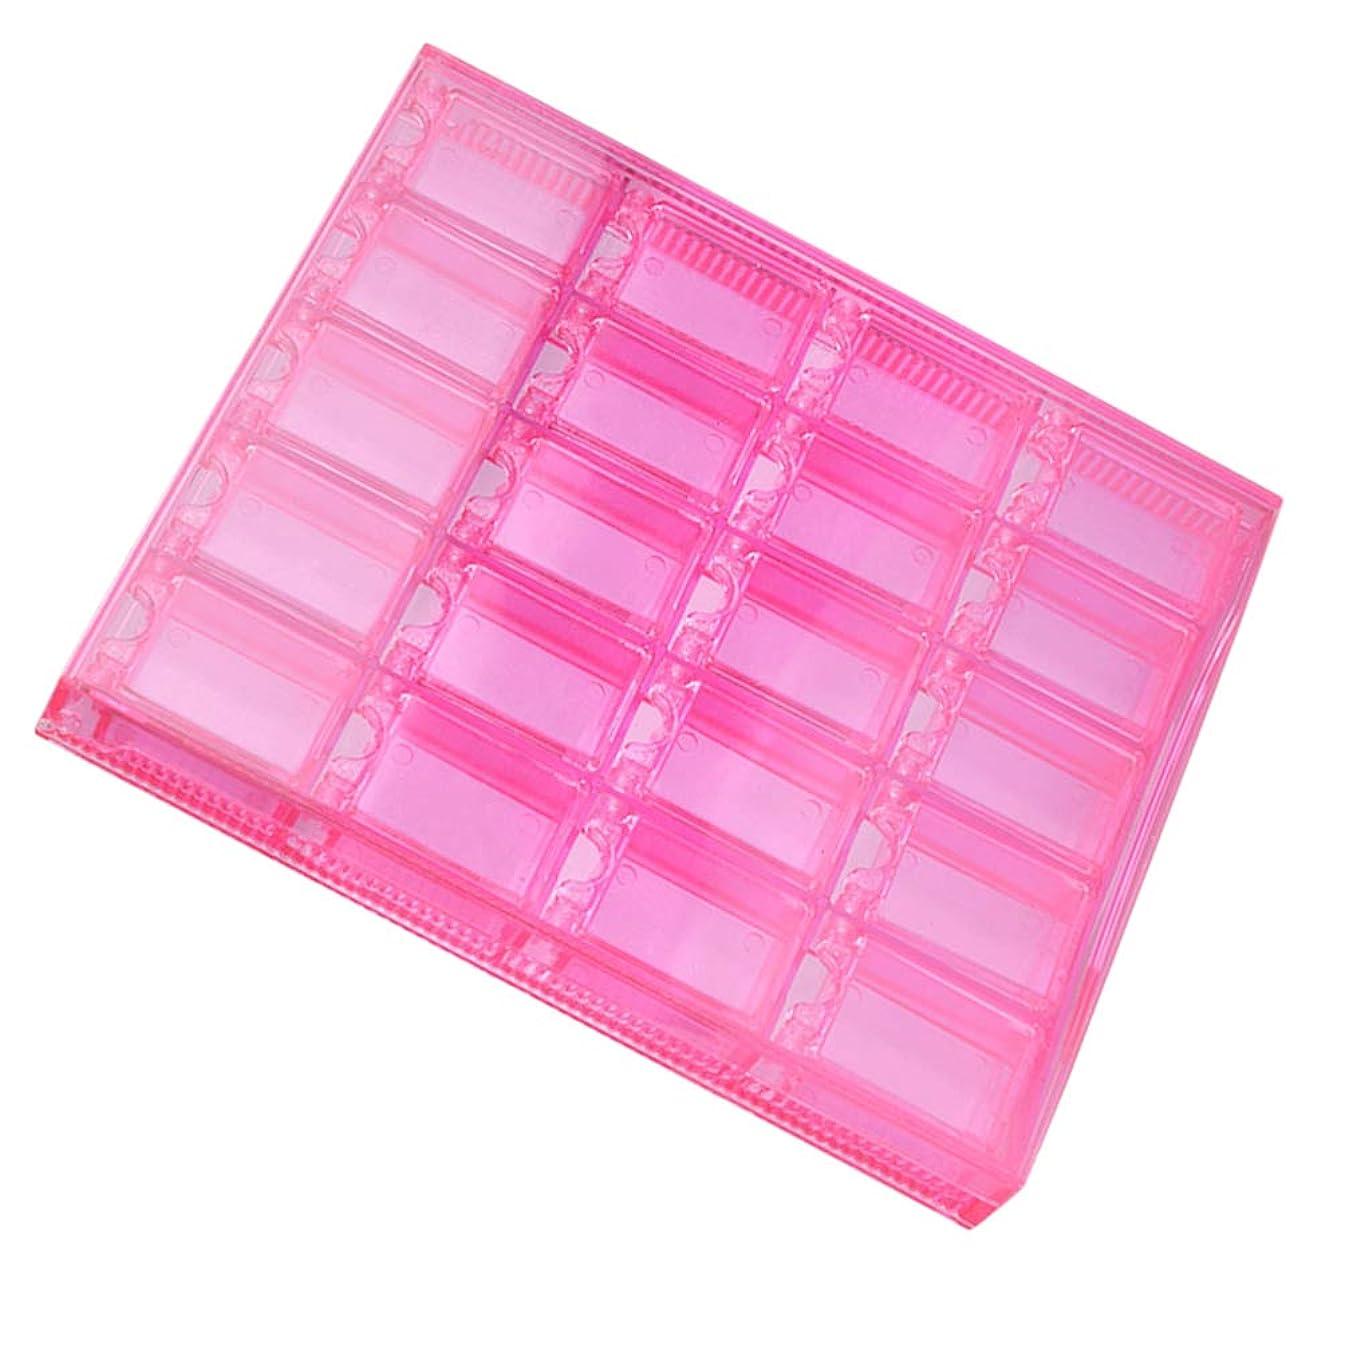 絶えず天使質素なPerfeclan ネイル収納ケース 仕切りボックス 収納ボックス ジュエリー ラインストーン ビーズ 小物入れ 収納ケース 2色 - ピンク